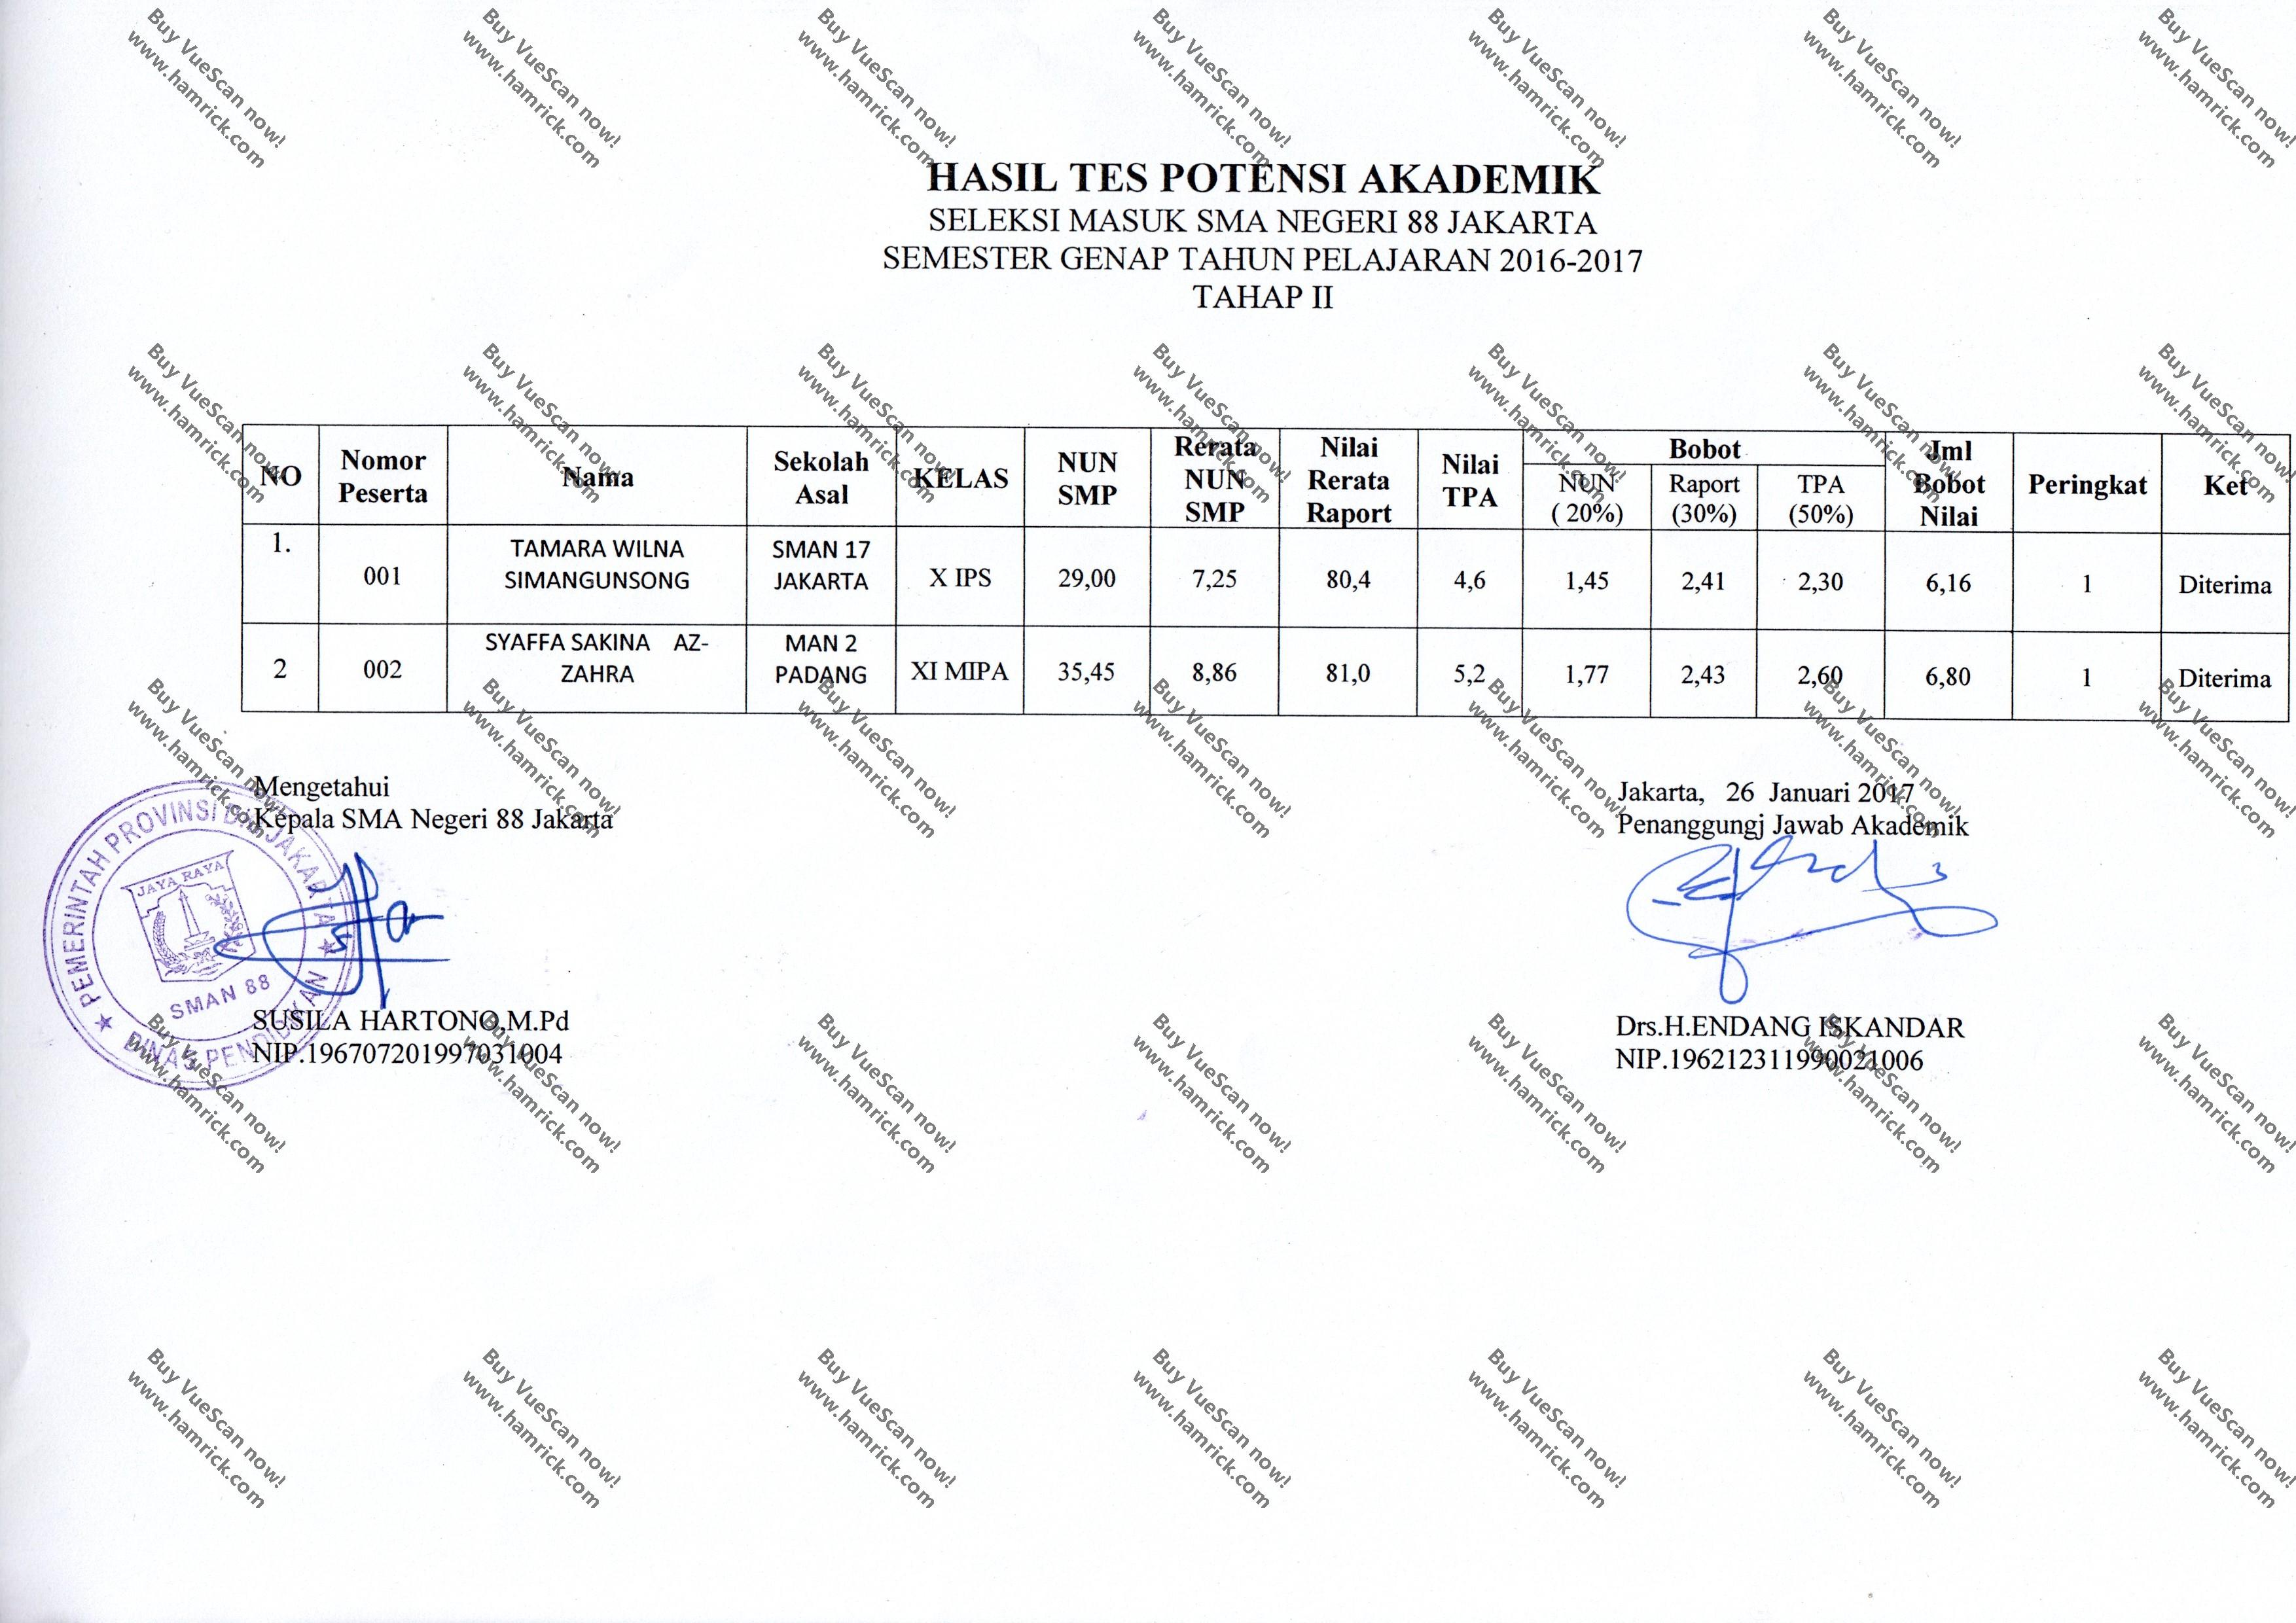 HASIL SELEKSI MUTASI TAHAP II